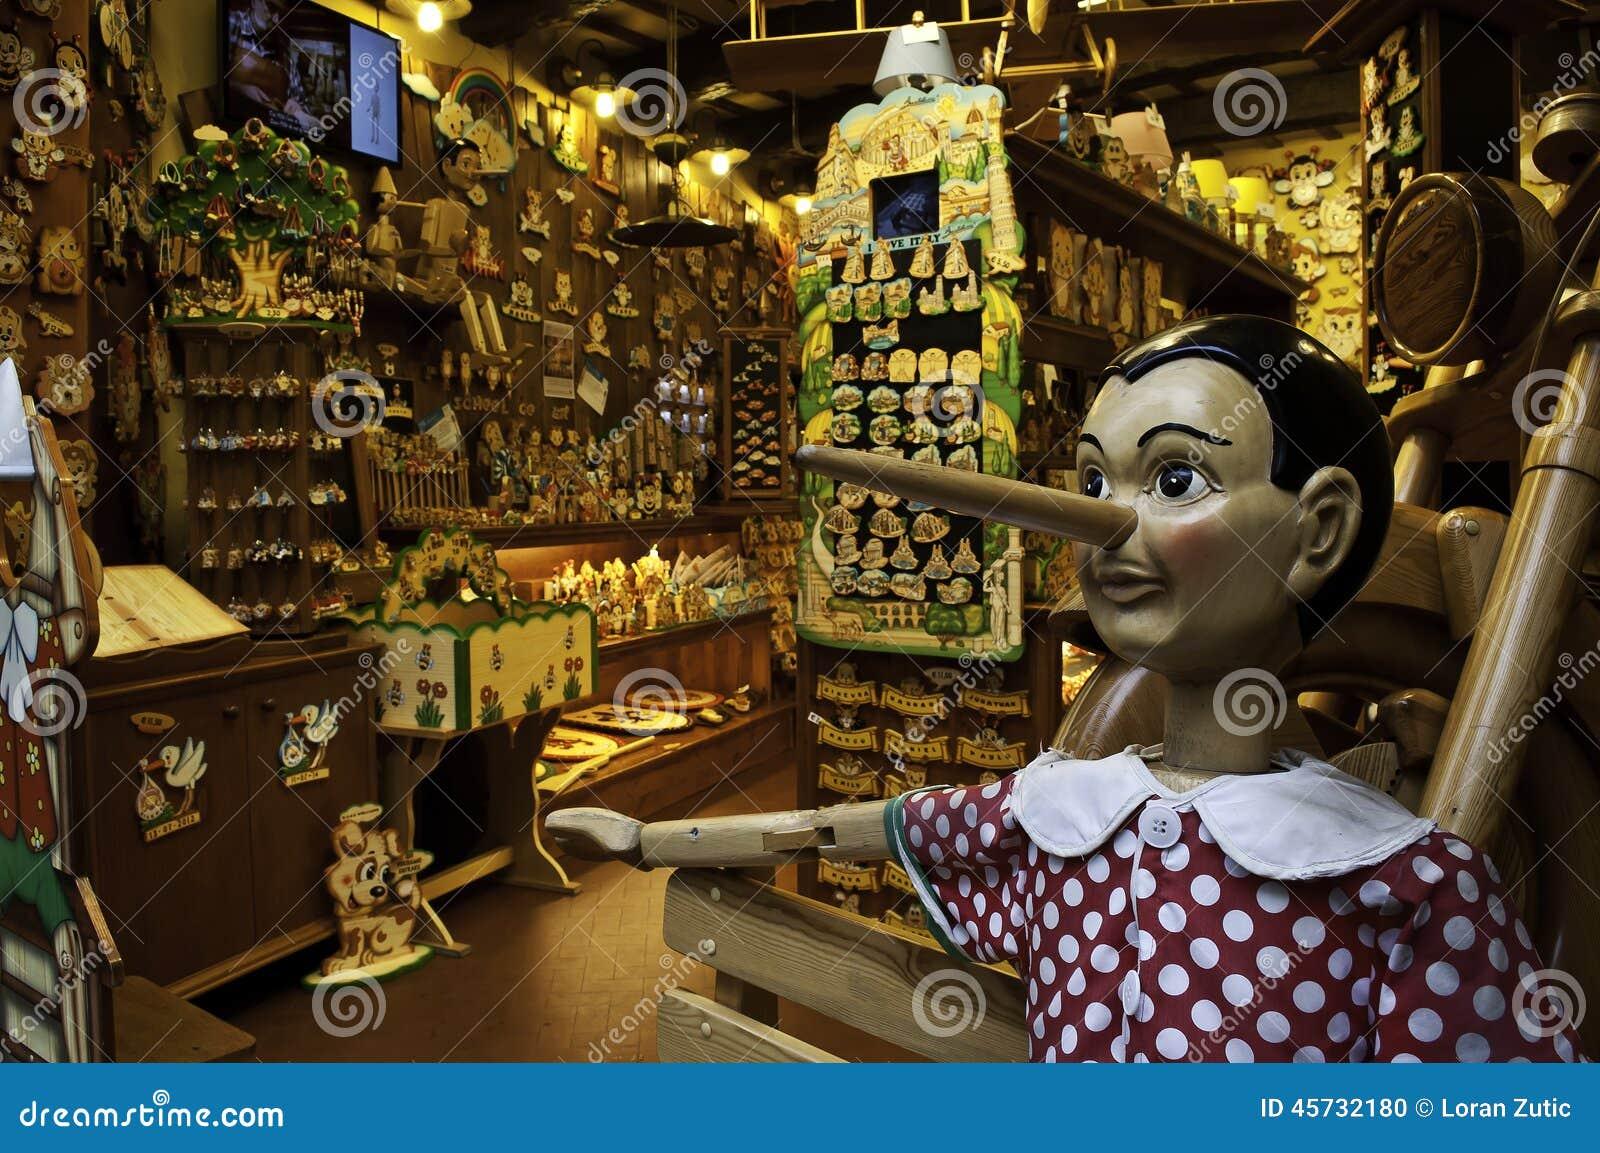 Magasin de jouets en bois avec pinocchio image ditorial for Jouetstore